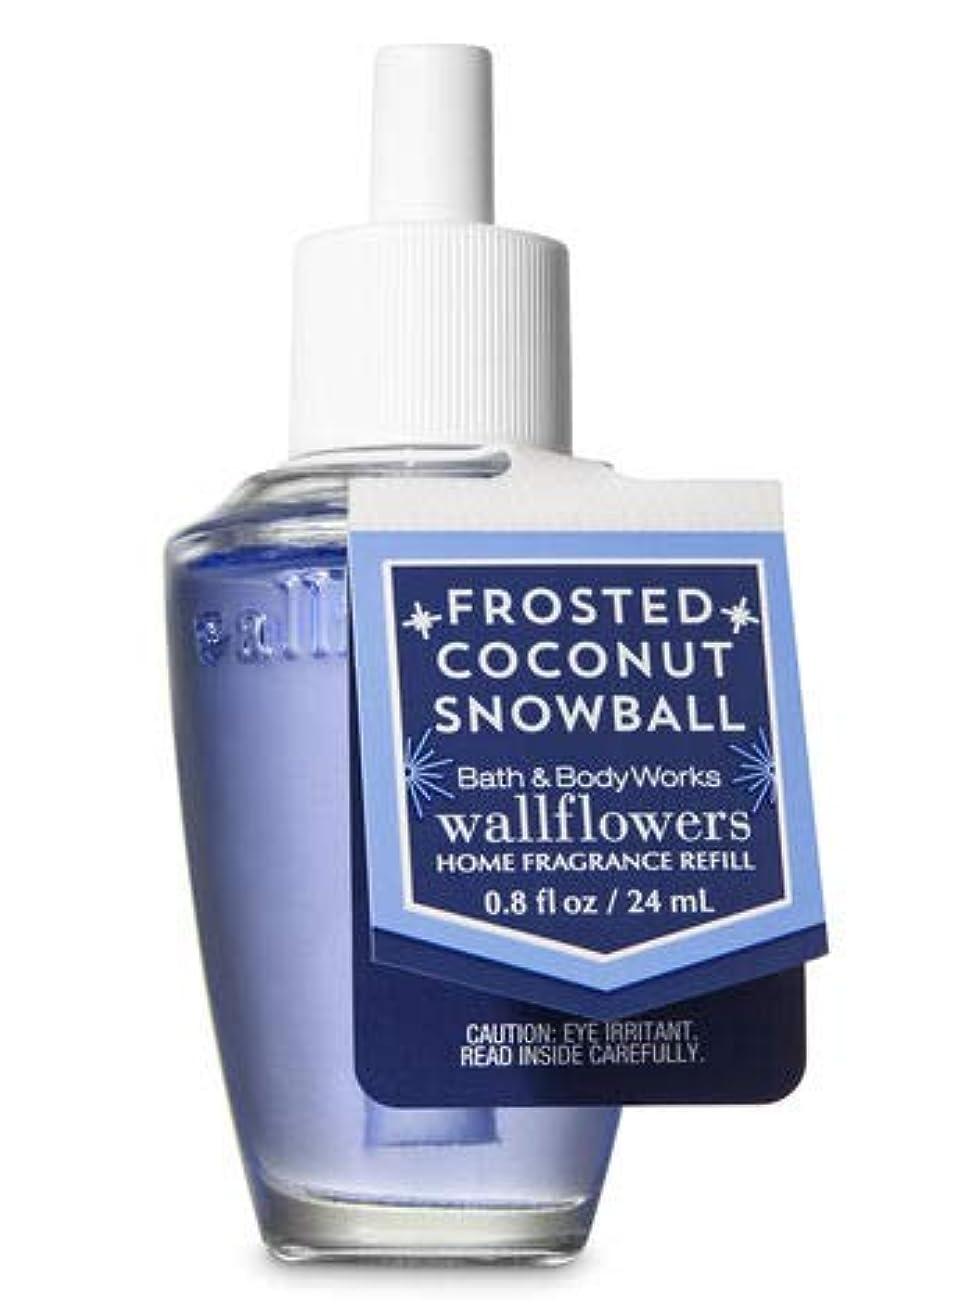 作りウサギフォーム【Bath&Body Works/バス&ボディワークス】 ルームフレグランス 詰替えリフィル フロステッドココナッツスノーボール Wallflowers Home Fragrance Refill Frosted Coconut Snowball [並行輸入品]